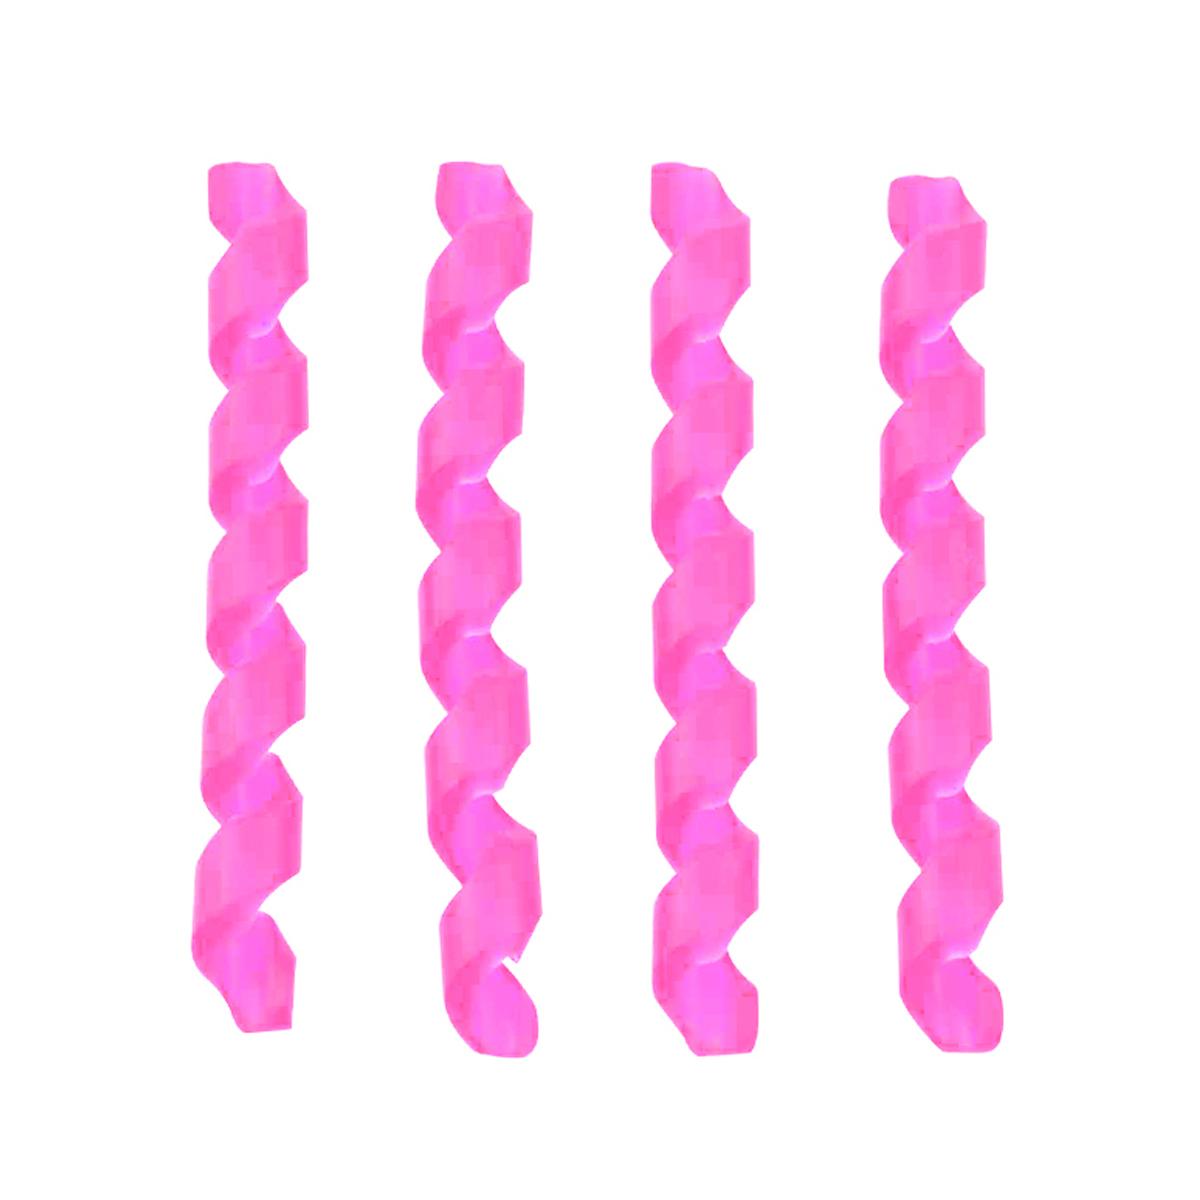 NOGUCHI ( ノグチ ) フレームプロテクター 蛍光 ピンク